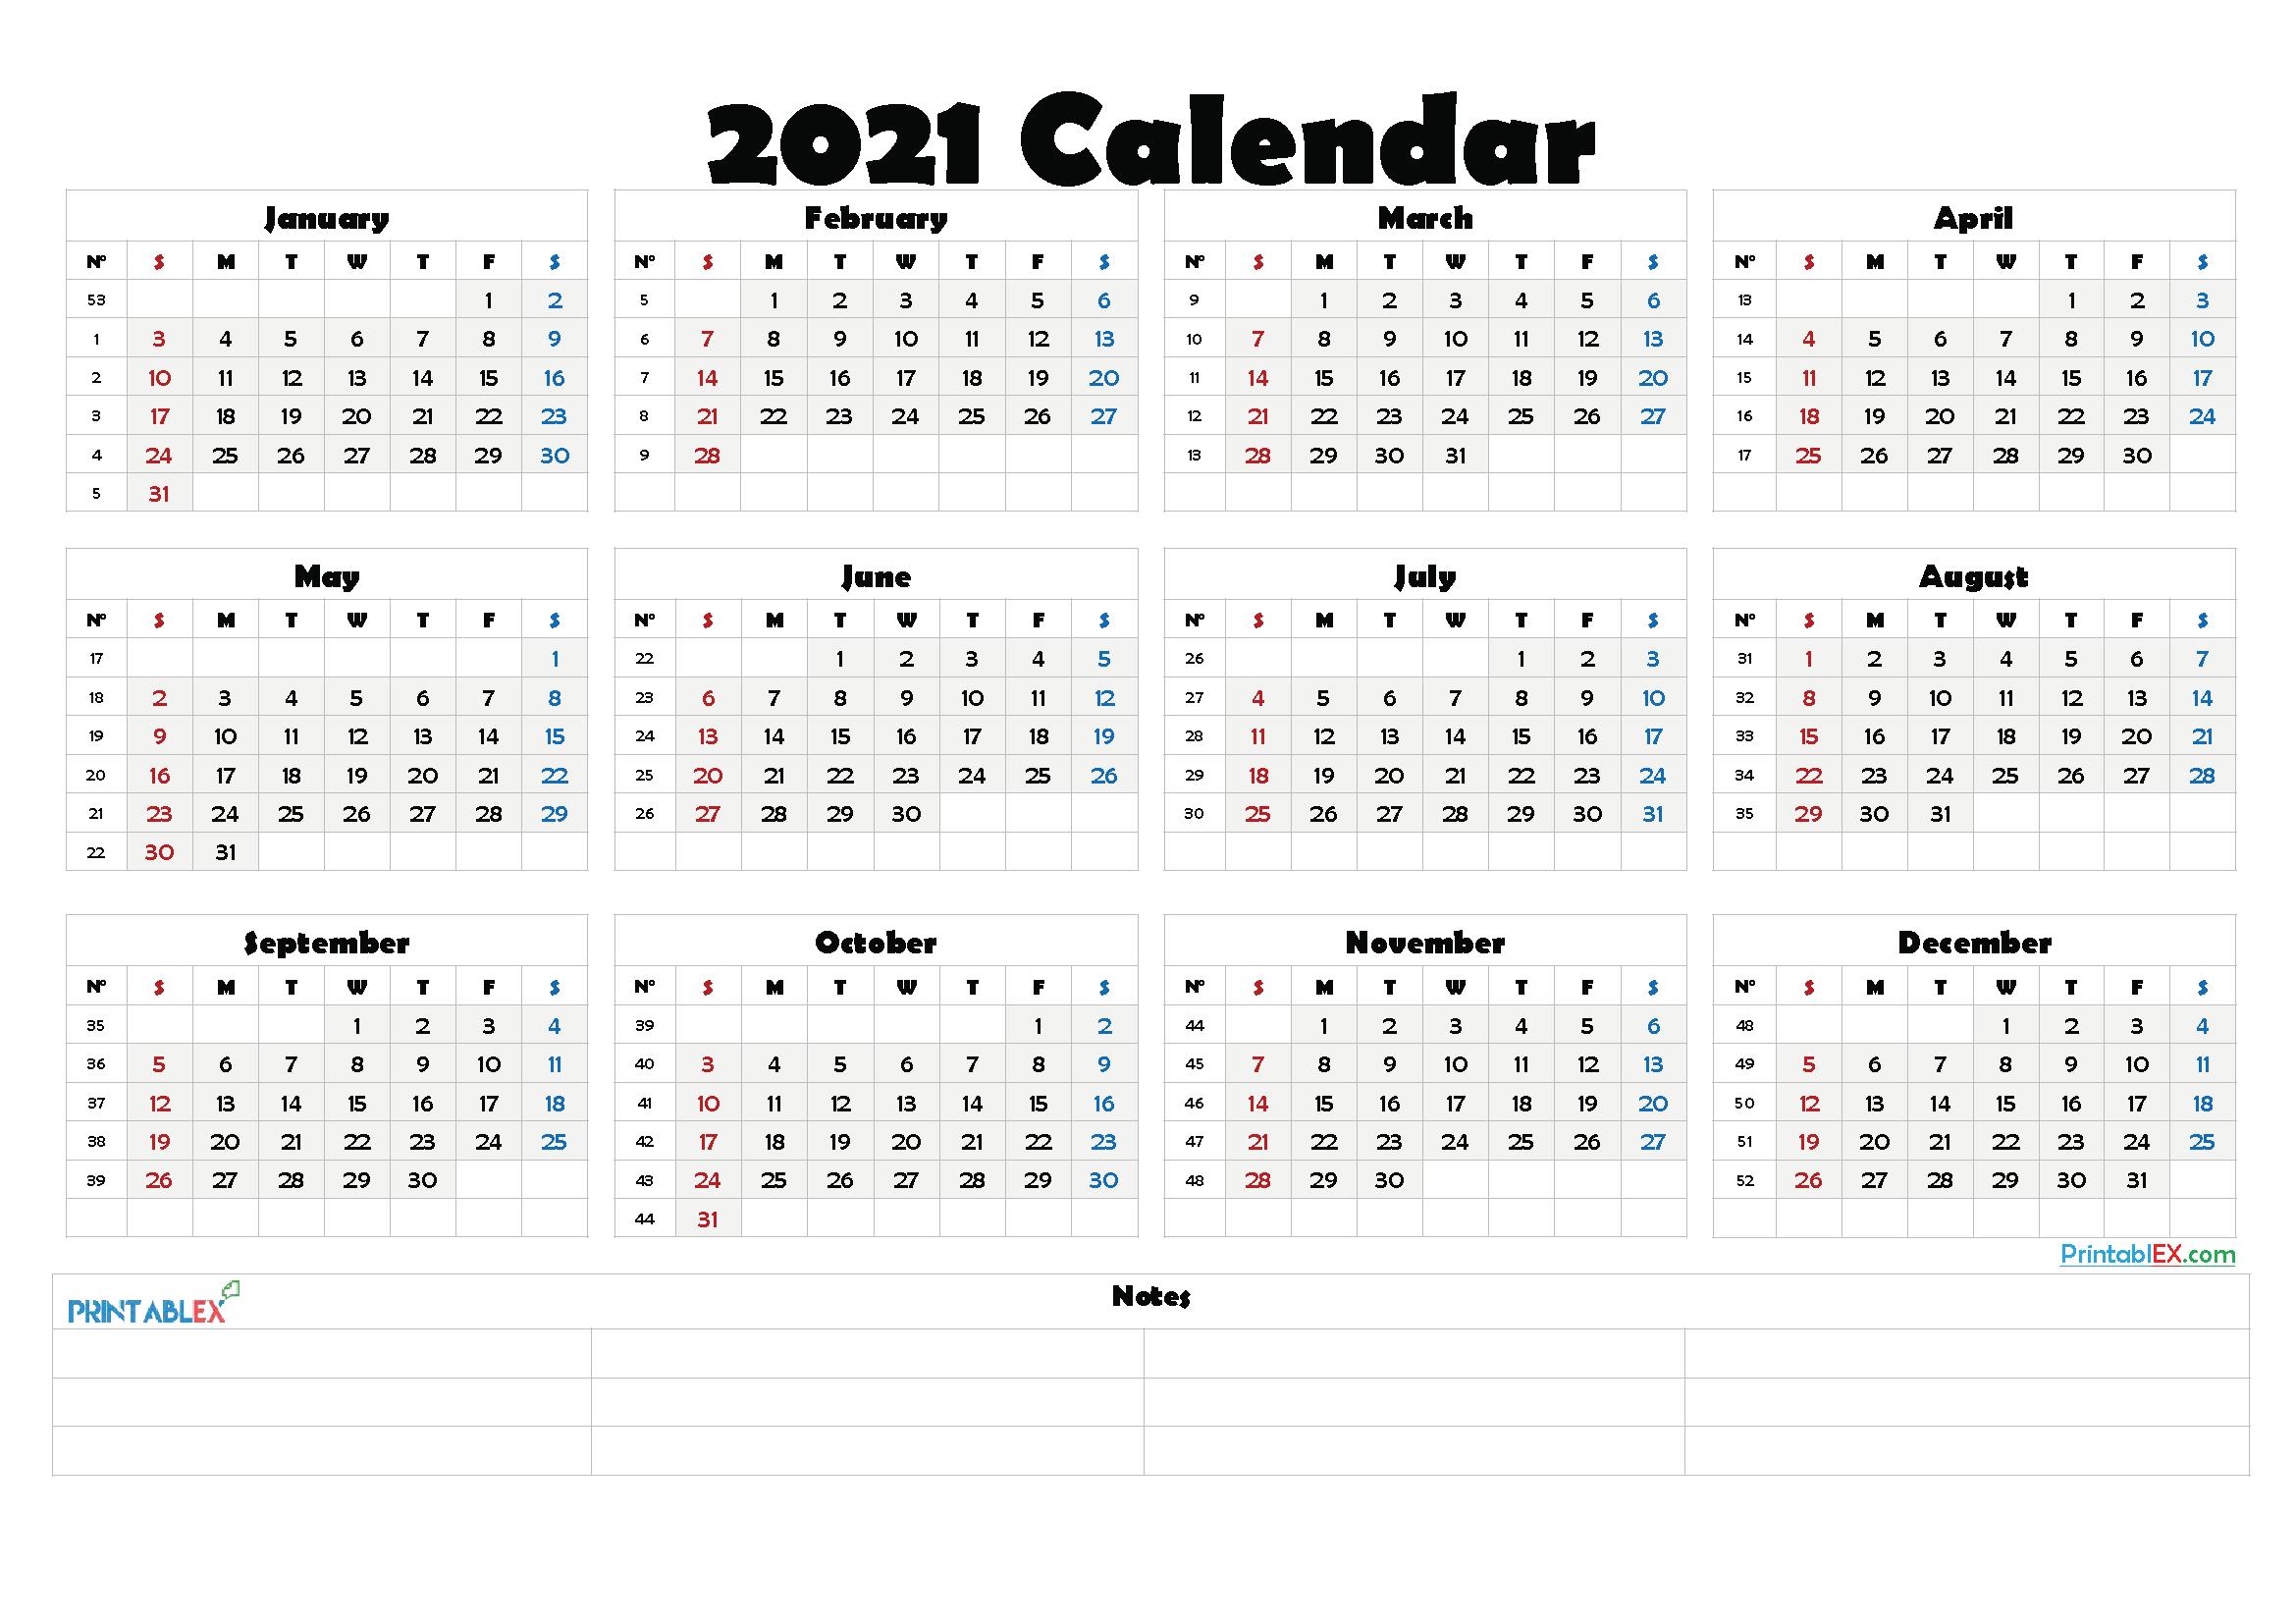 2021 Calendar With Week Number Printable Free / 2021 Free